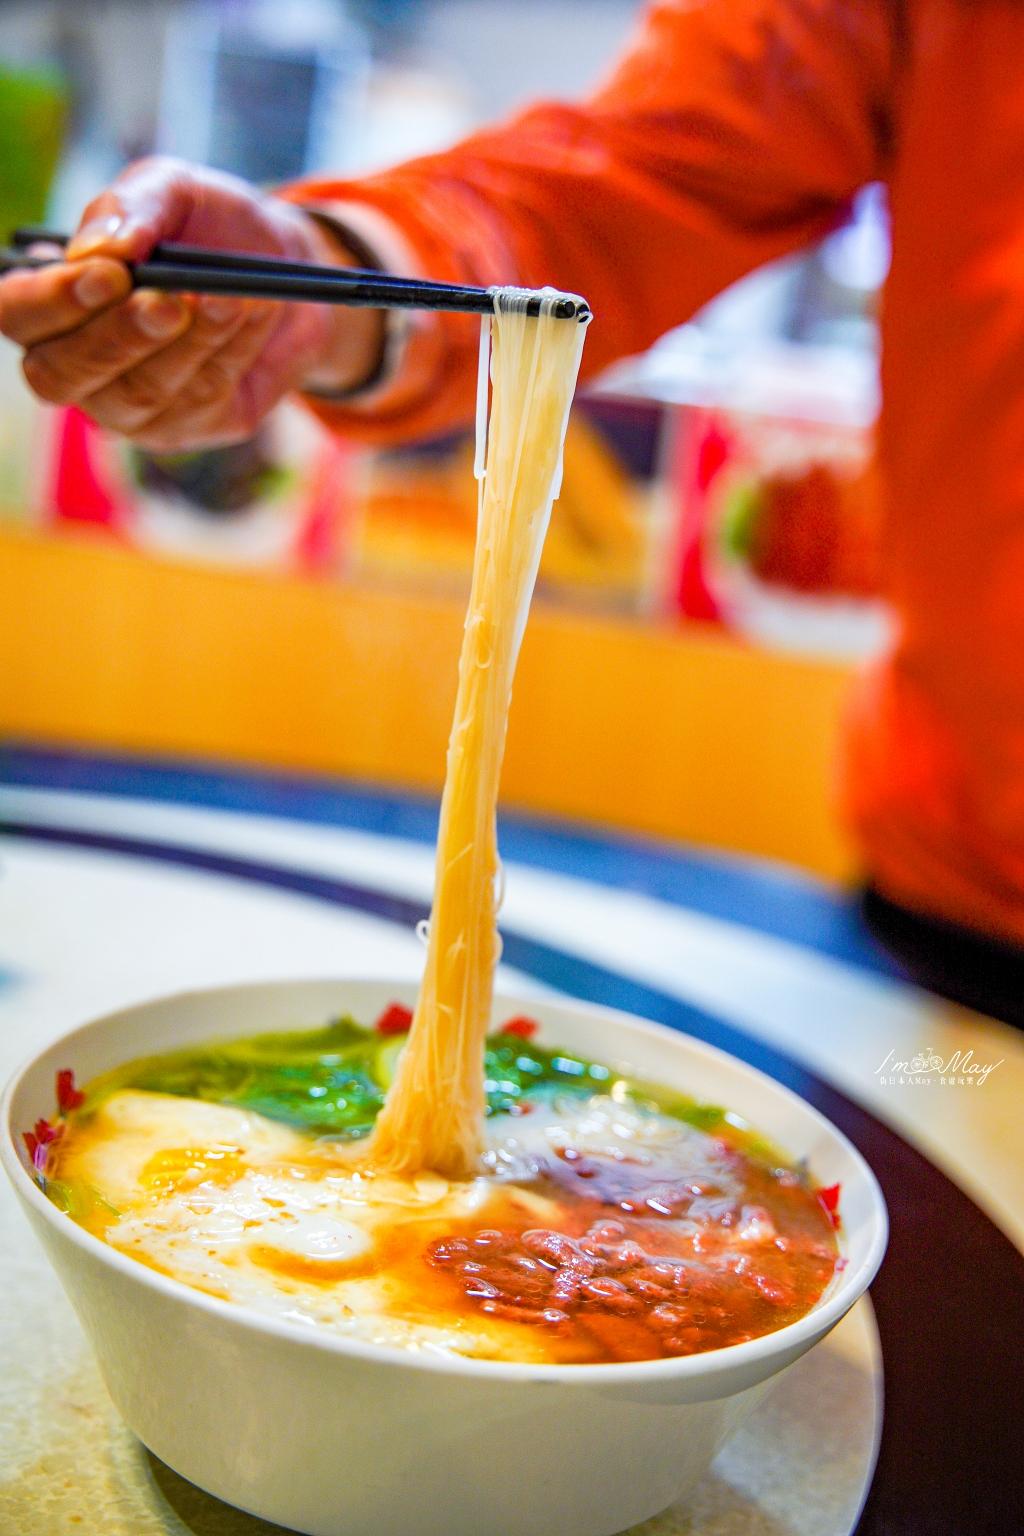 馬祖、南竿 | 在地人帶路的必吃美食 – 馬港「比薩大王」| 來到比薩大王不吃比薩,一定要吃聞名遐邇、以後不一定能再吃到的老酒麵線 ! @偽日本人May.食遊玩樂